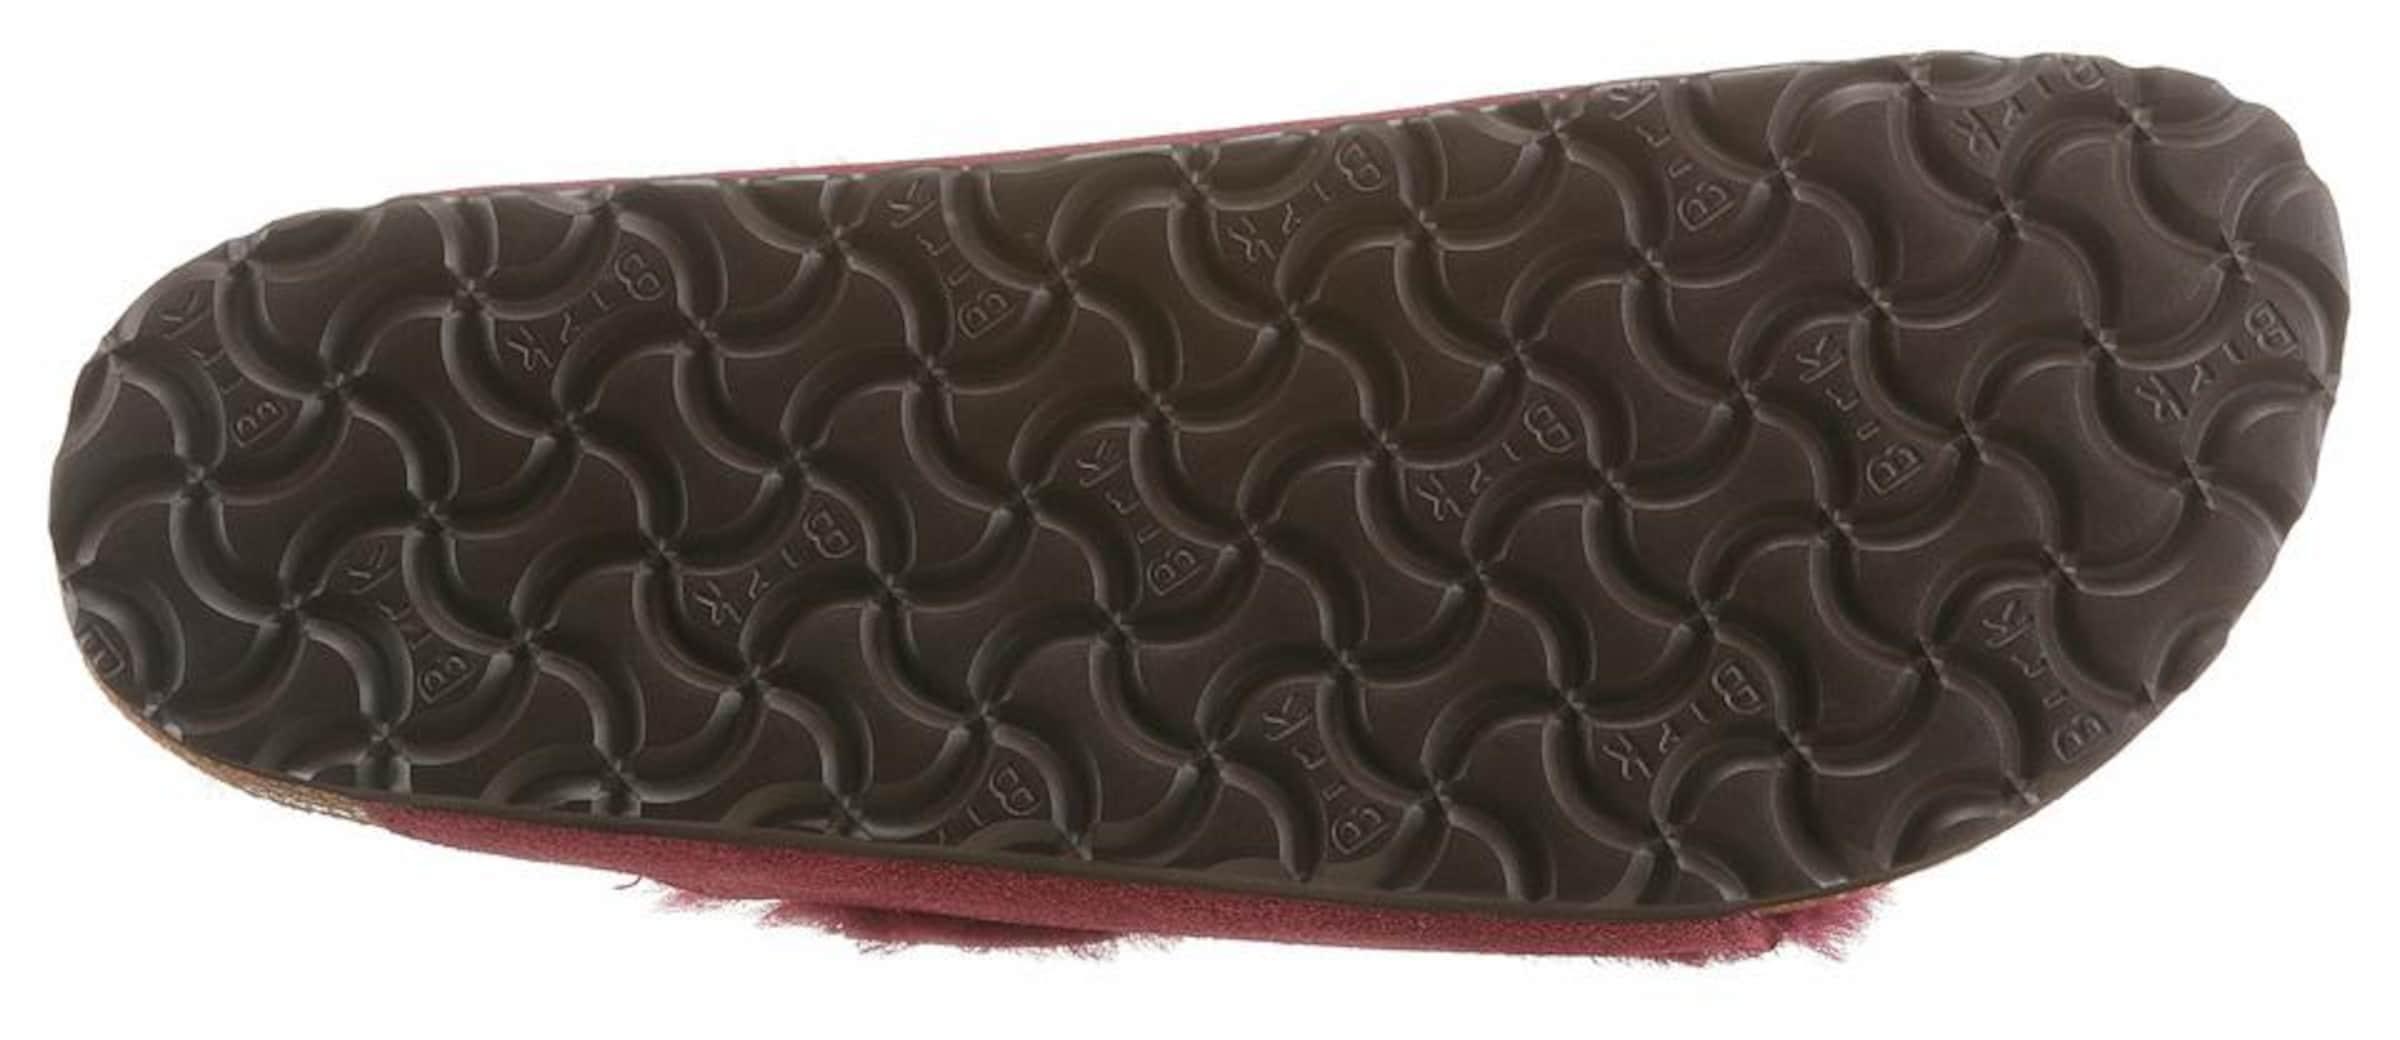 Footlocker Bilder Zum Verkauf BIRKENSTOCK Pantolette 'ARIZONA' Besuchen Online Auslassstellen 0BLsiOccZ